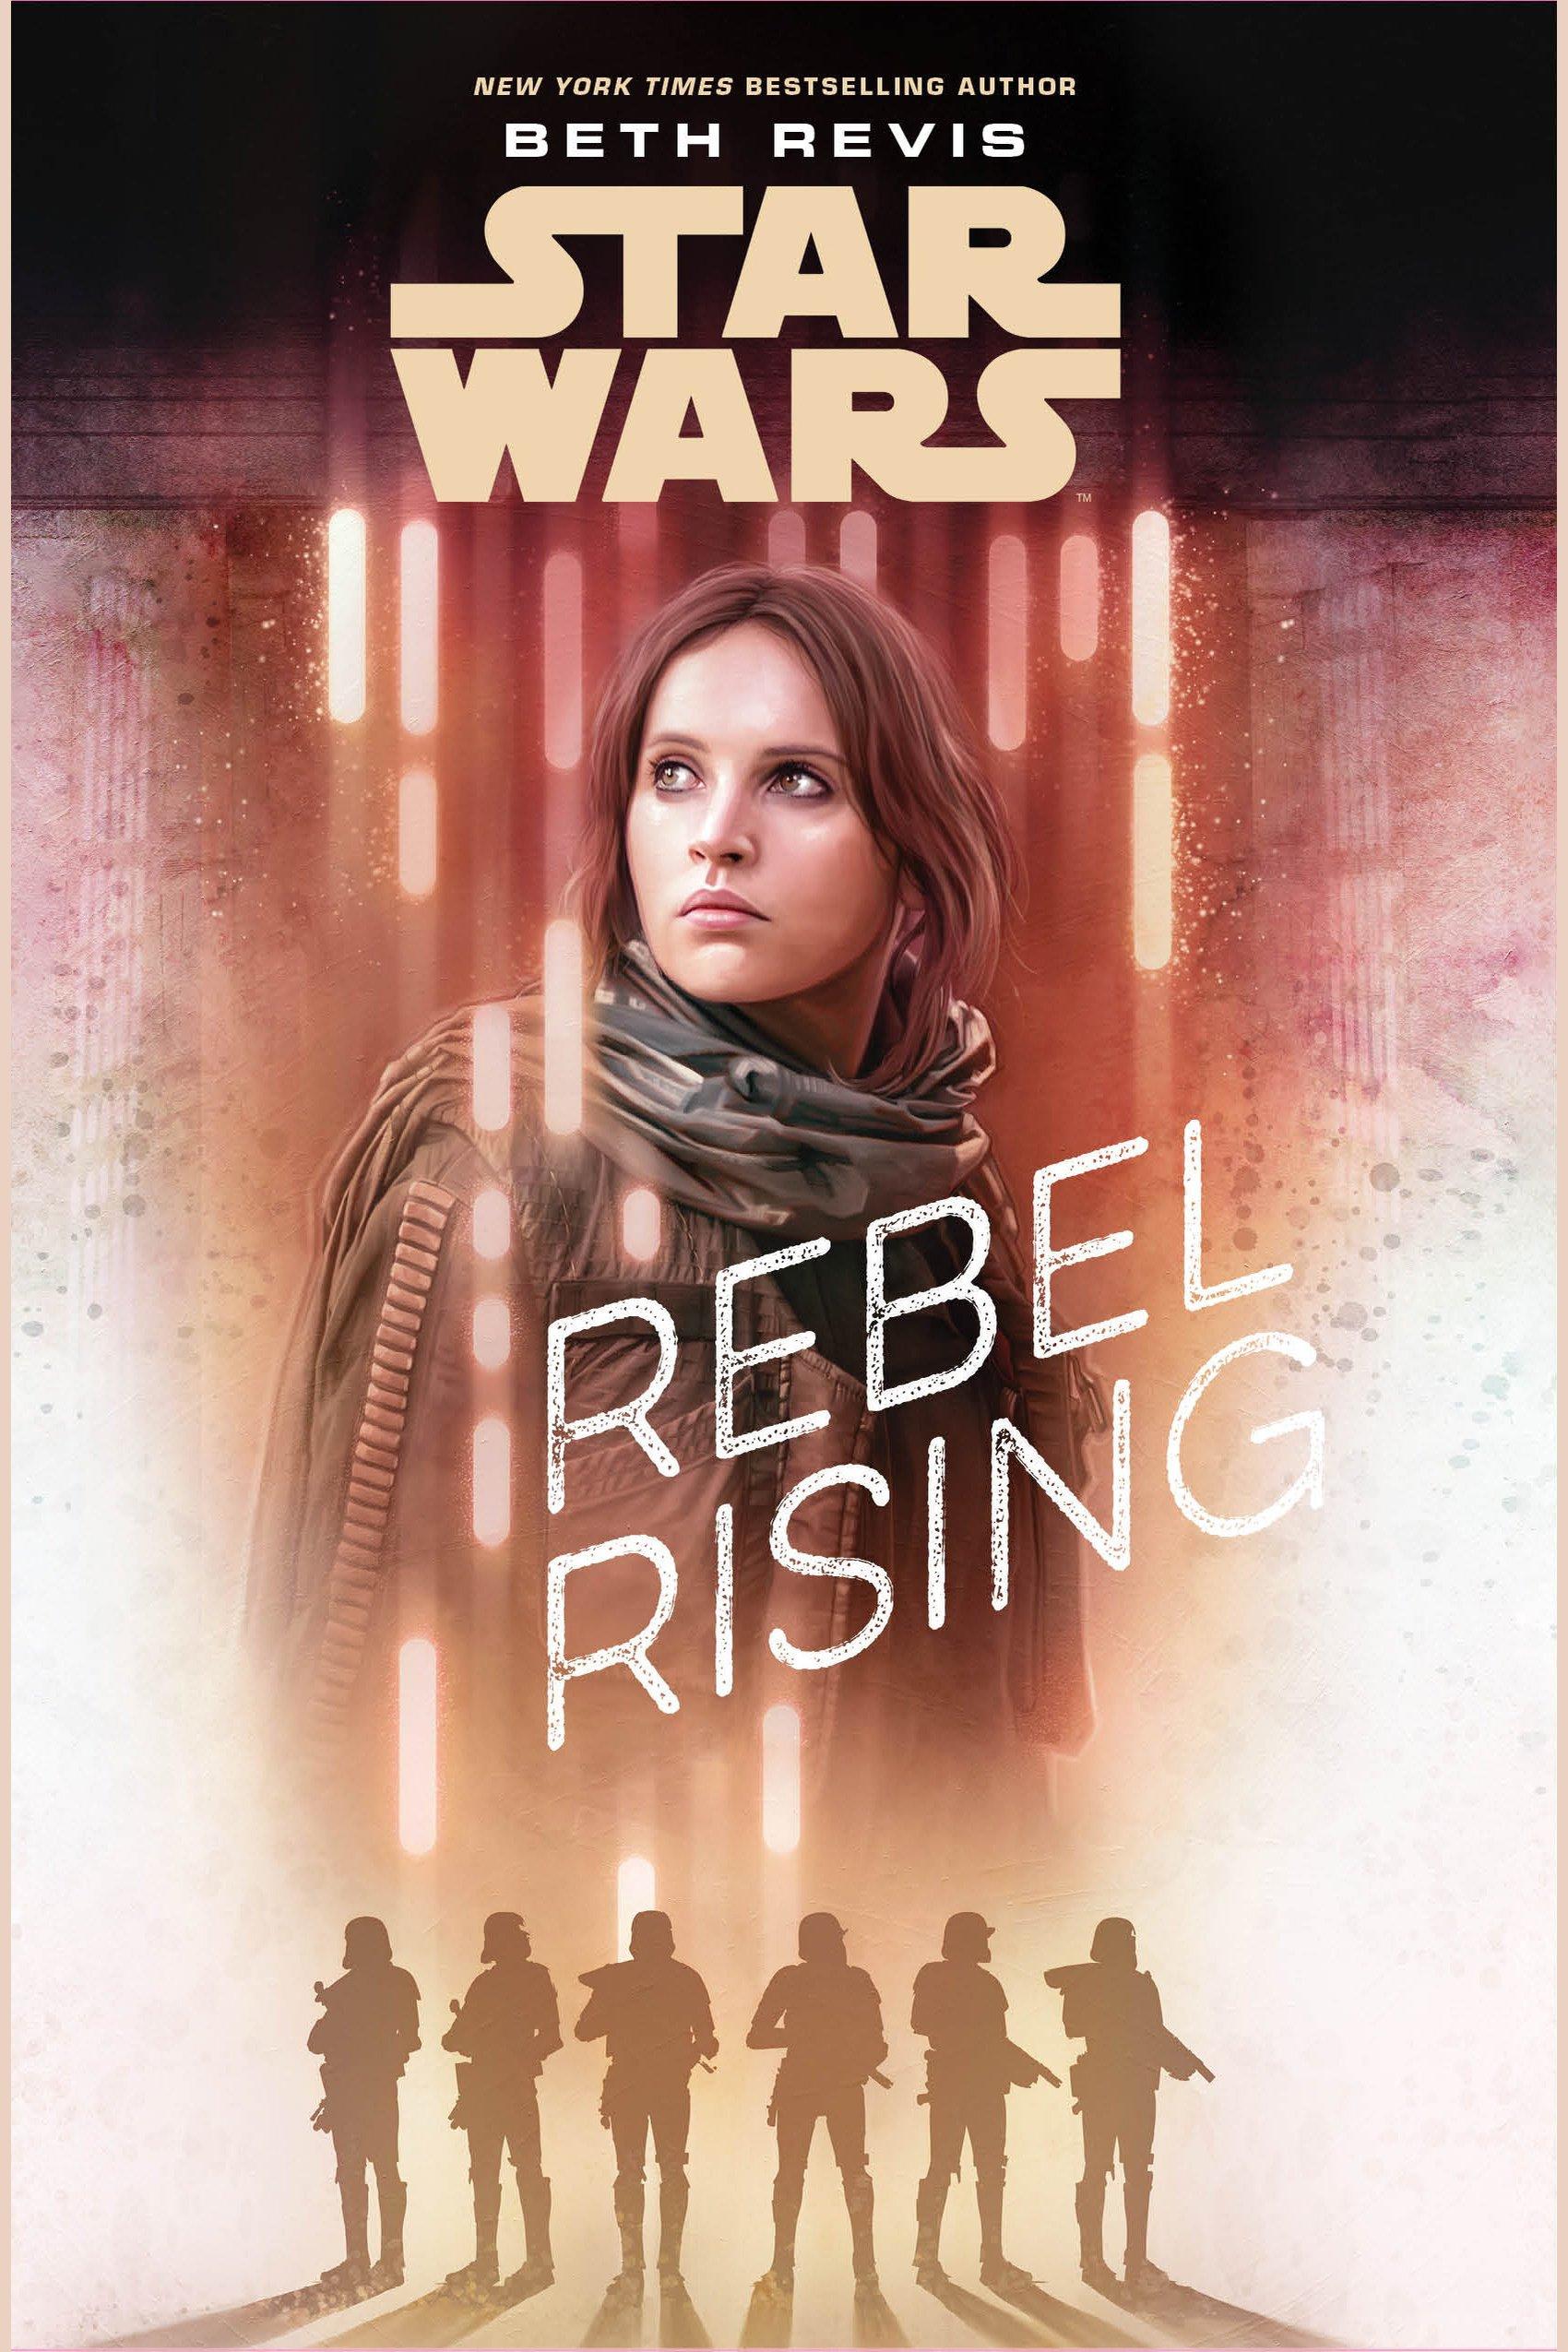 Rebel rising cover image